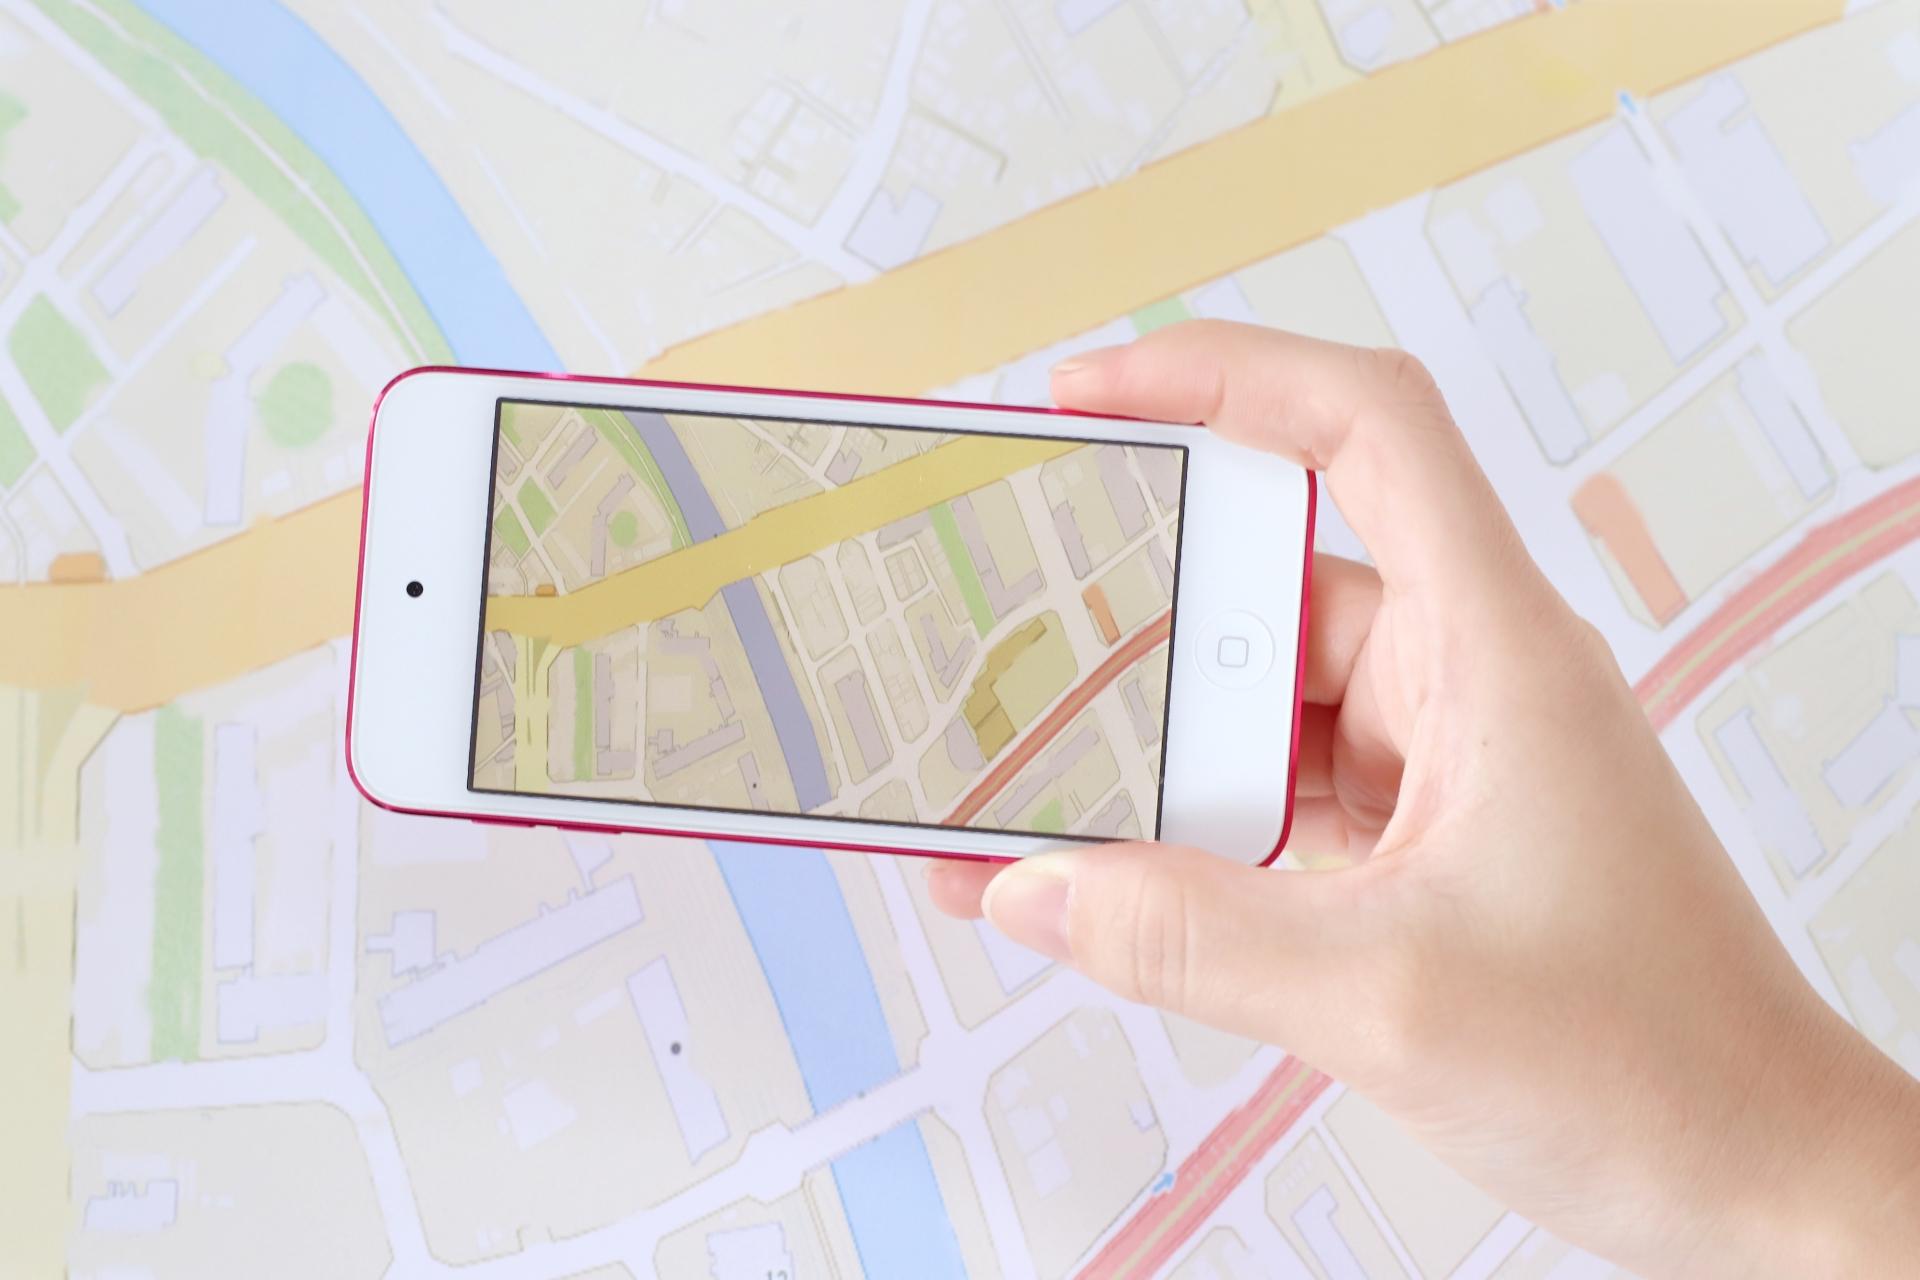 一人暮らし必須!無料便利アプリ9選 病院検索から防災まで